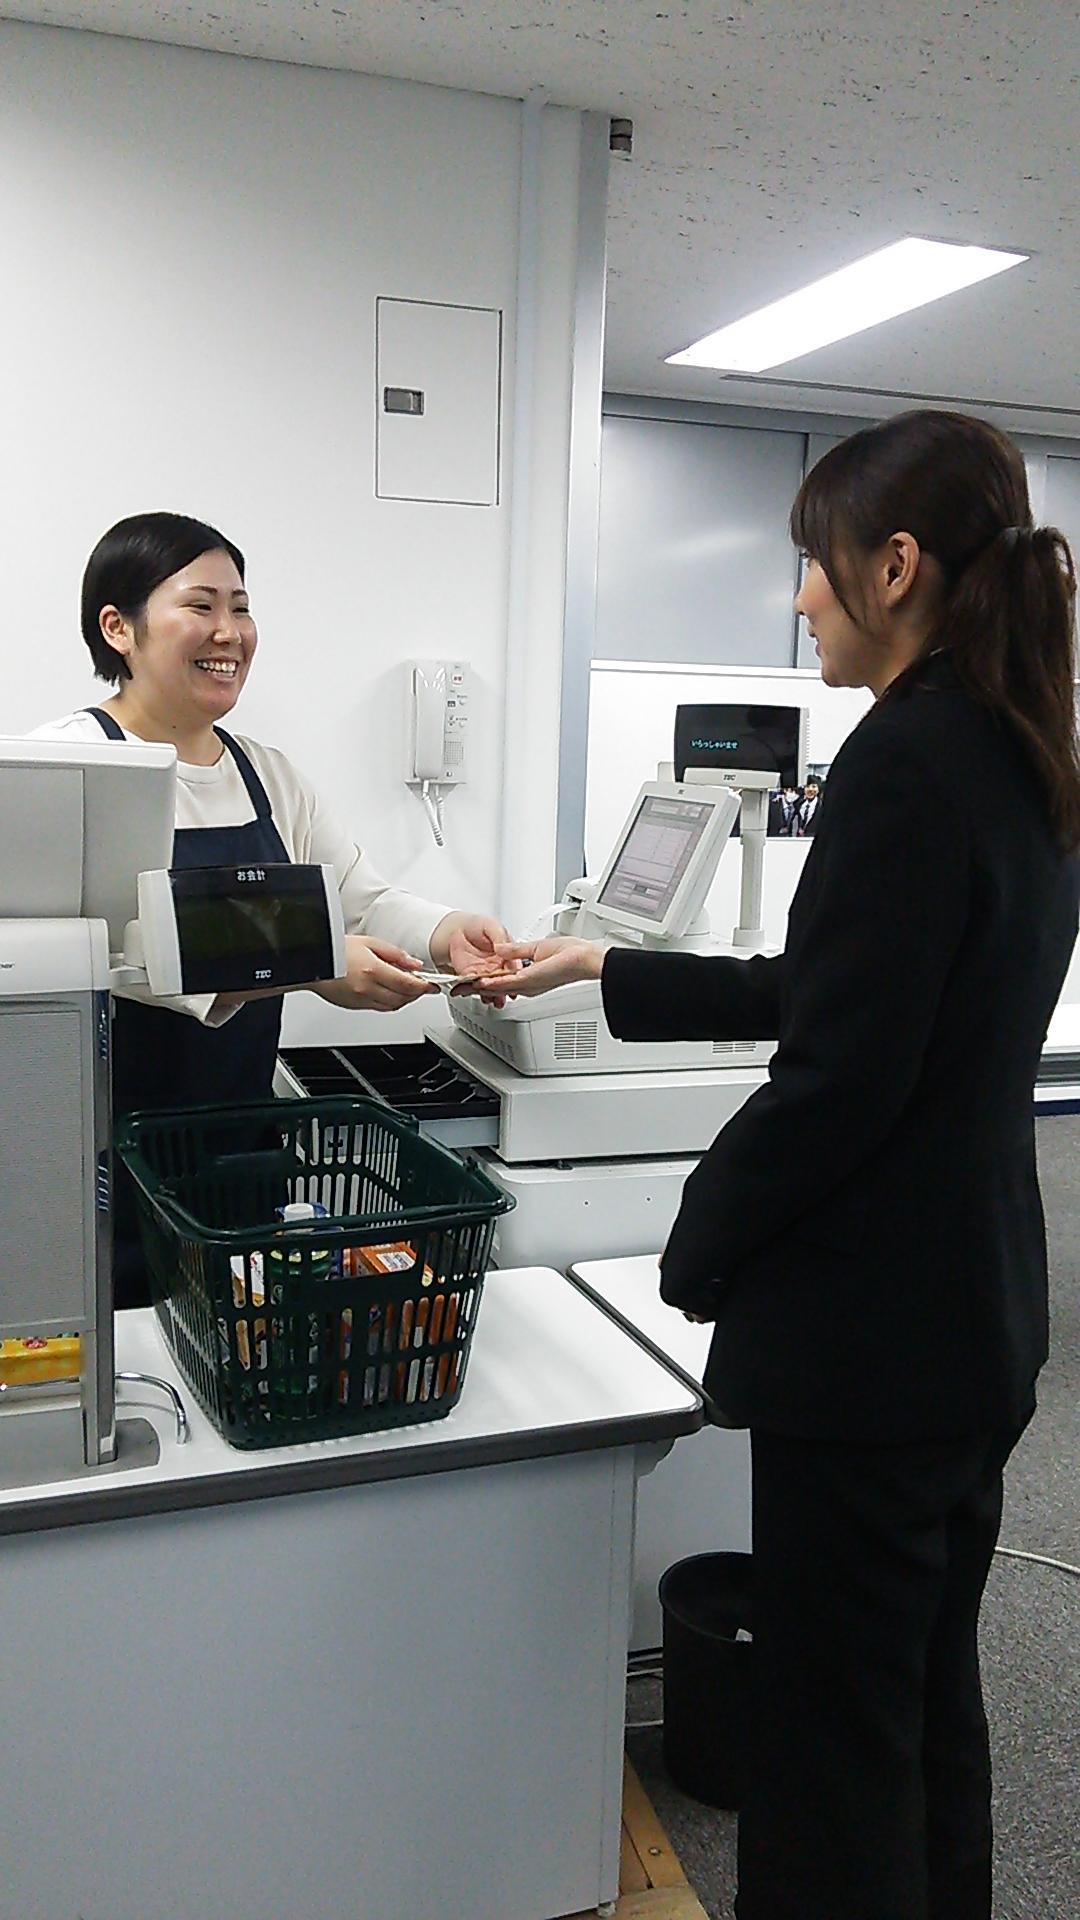 はじめてのレジ 研修内容大公開 ~実技編~ イメージ